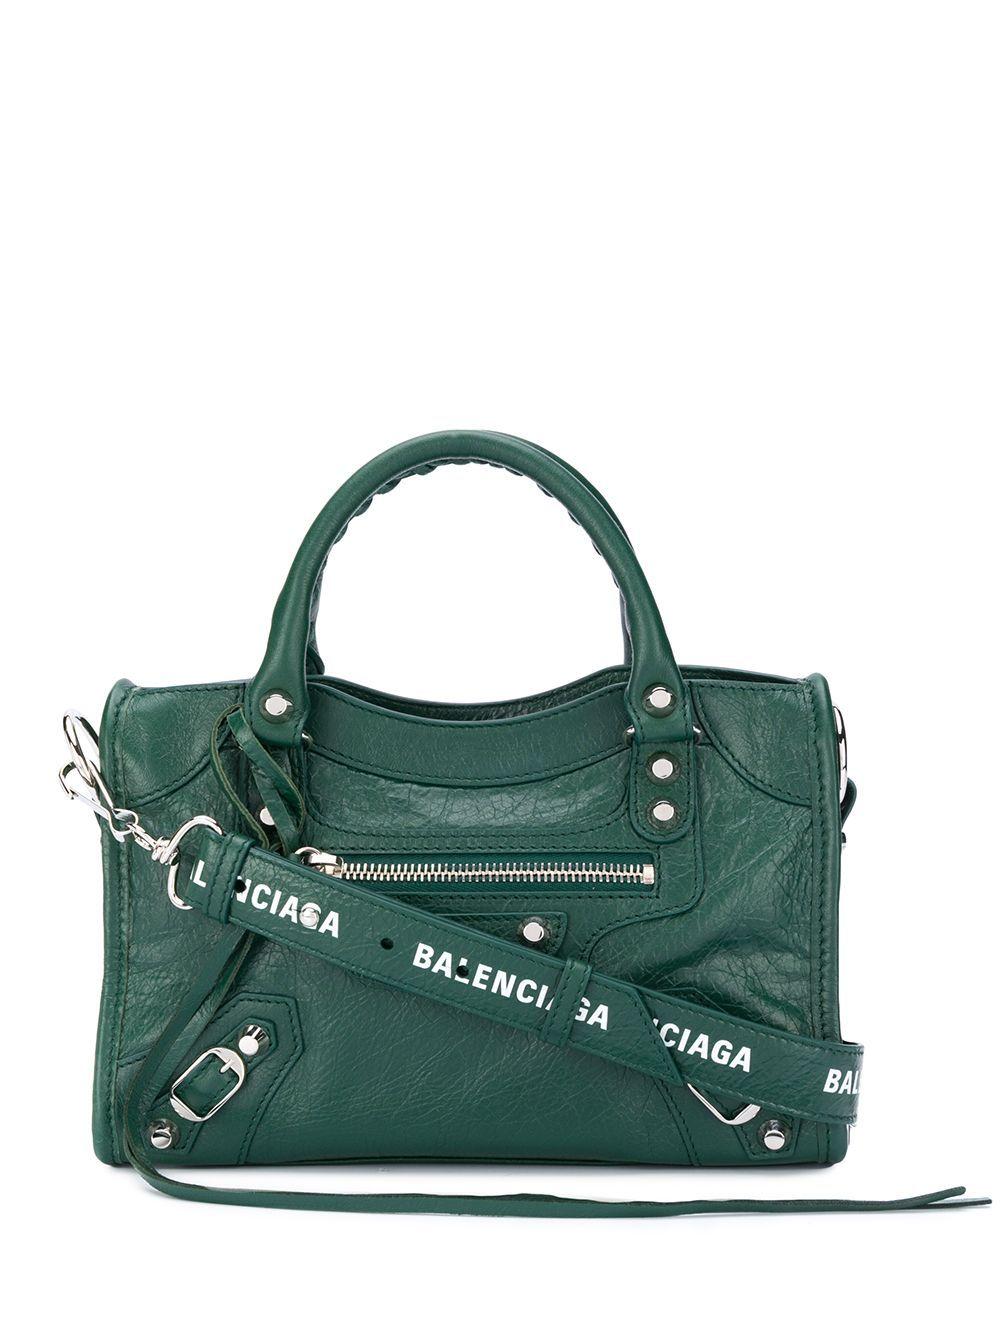 Balenciaga Mini City Tote Bag Farfetch In 2020 Balenciaga Mini City Balenciaga Bag City Balenciaga Mini City Bag